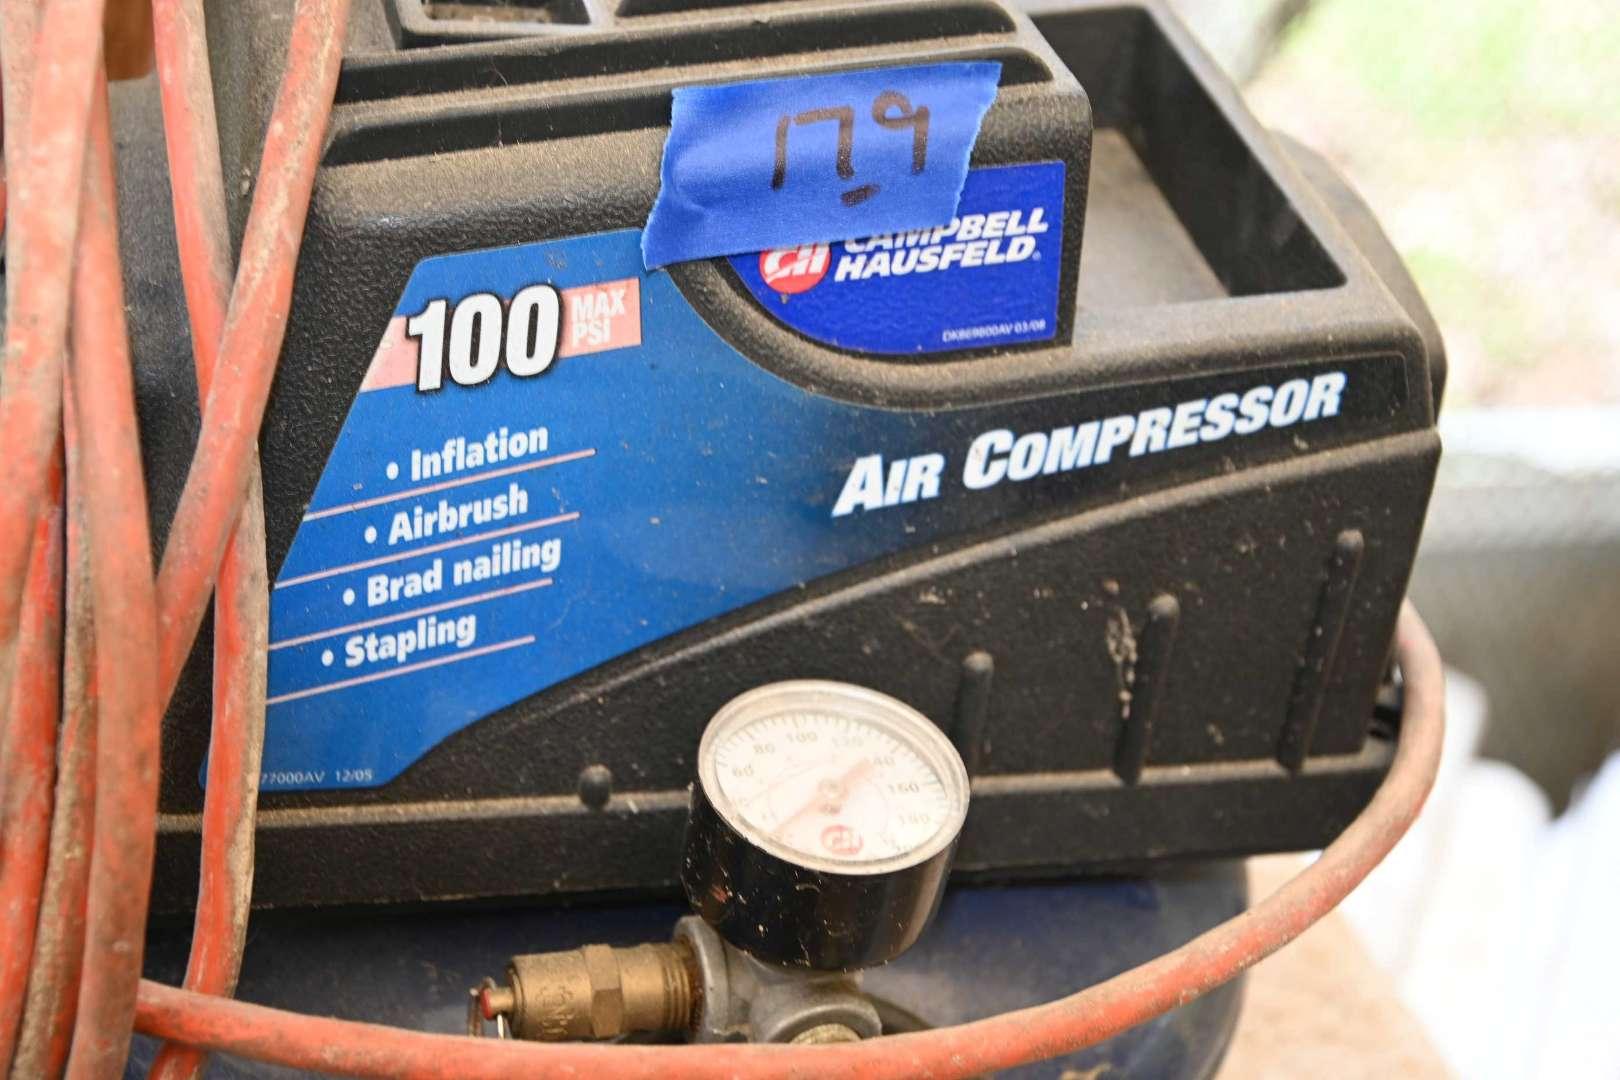 Lot # 179 100 psi pancake compressor